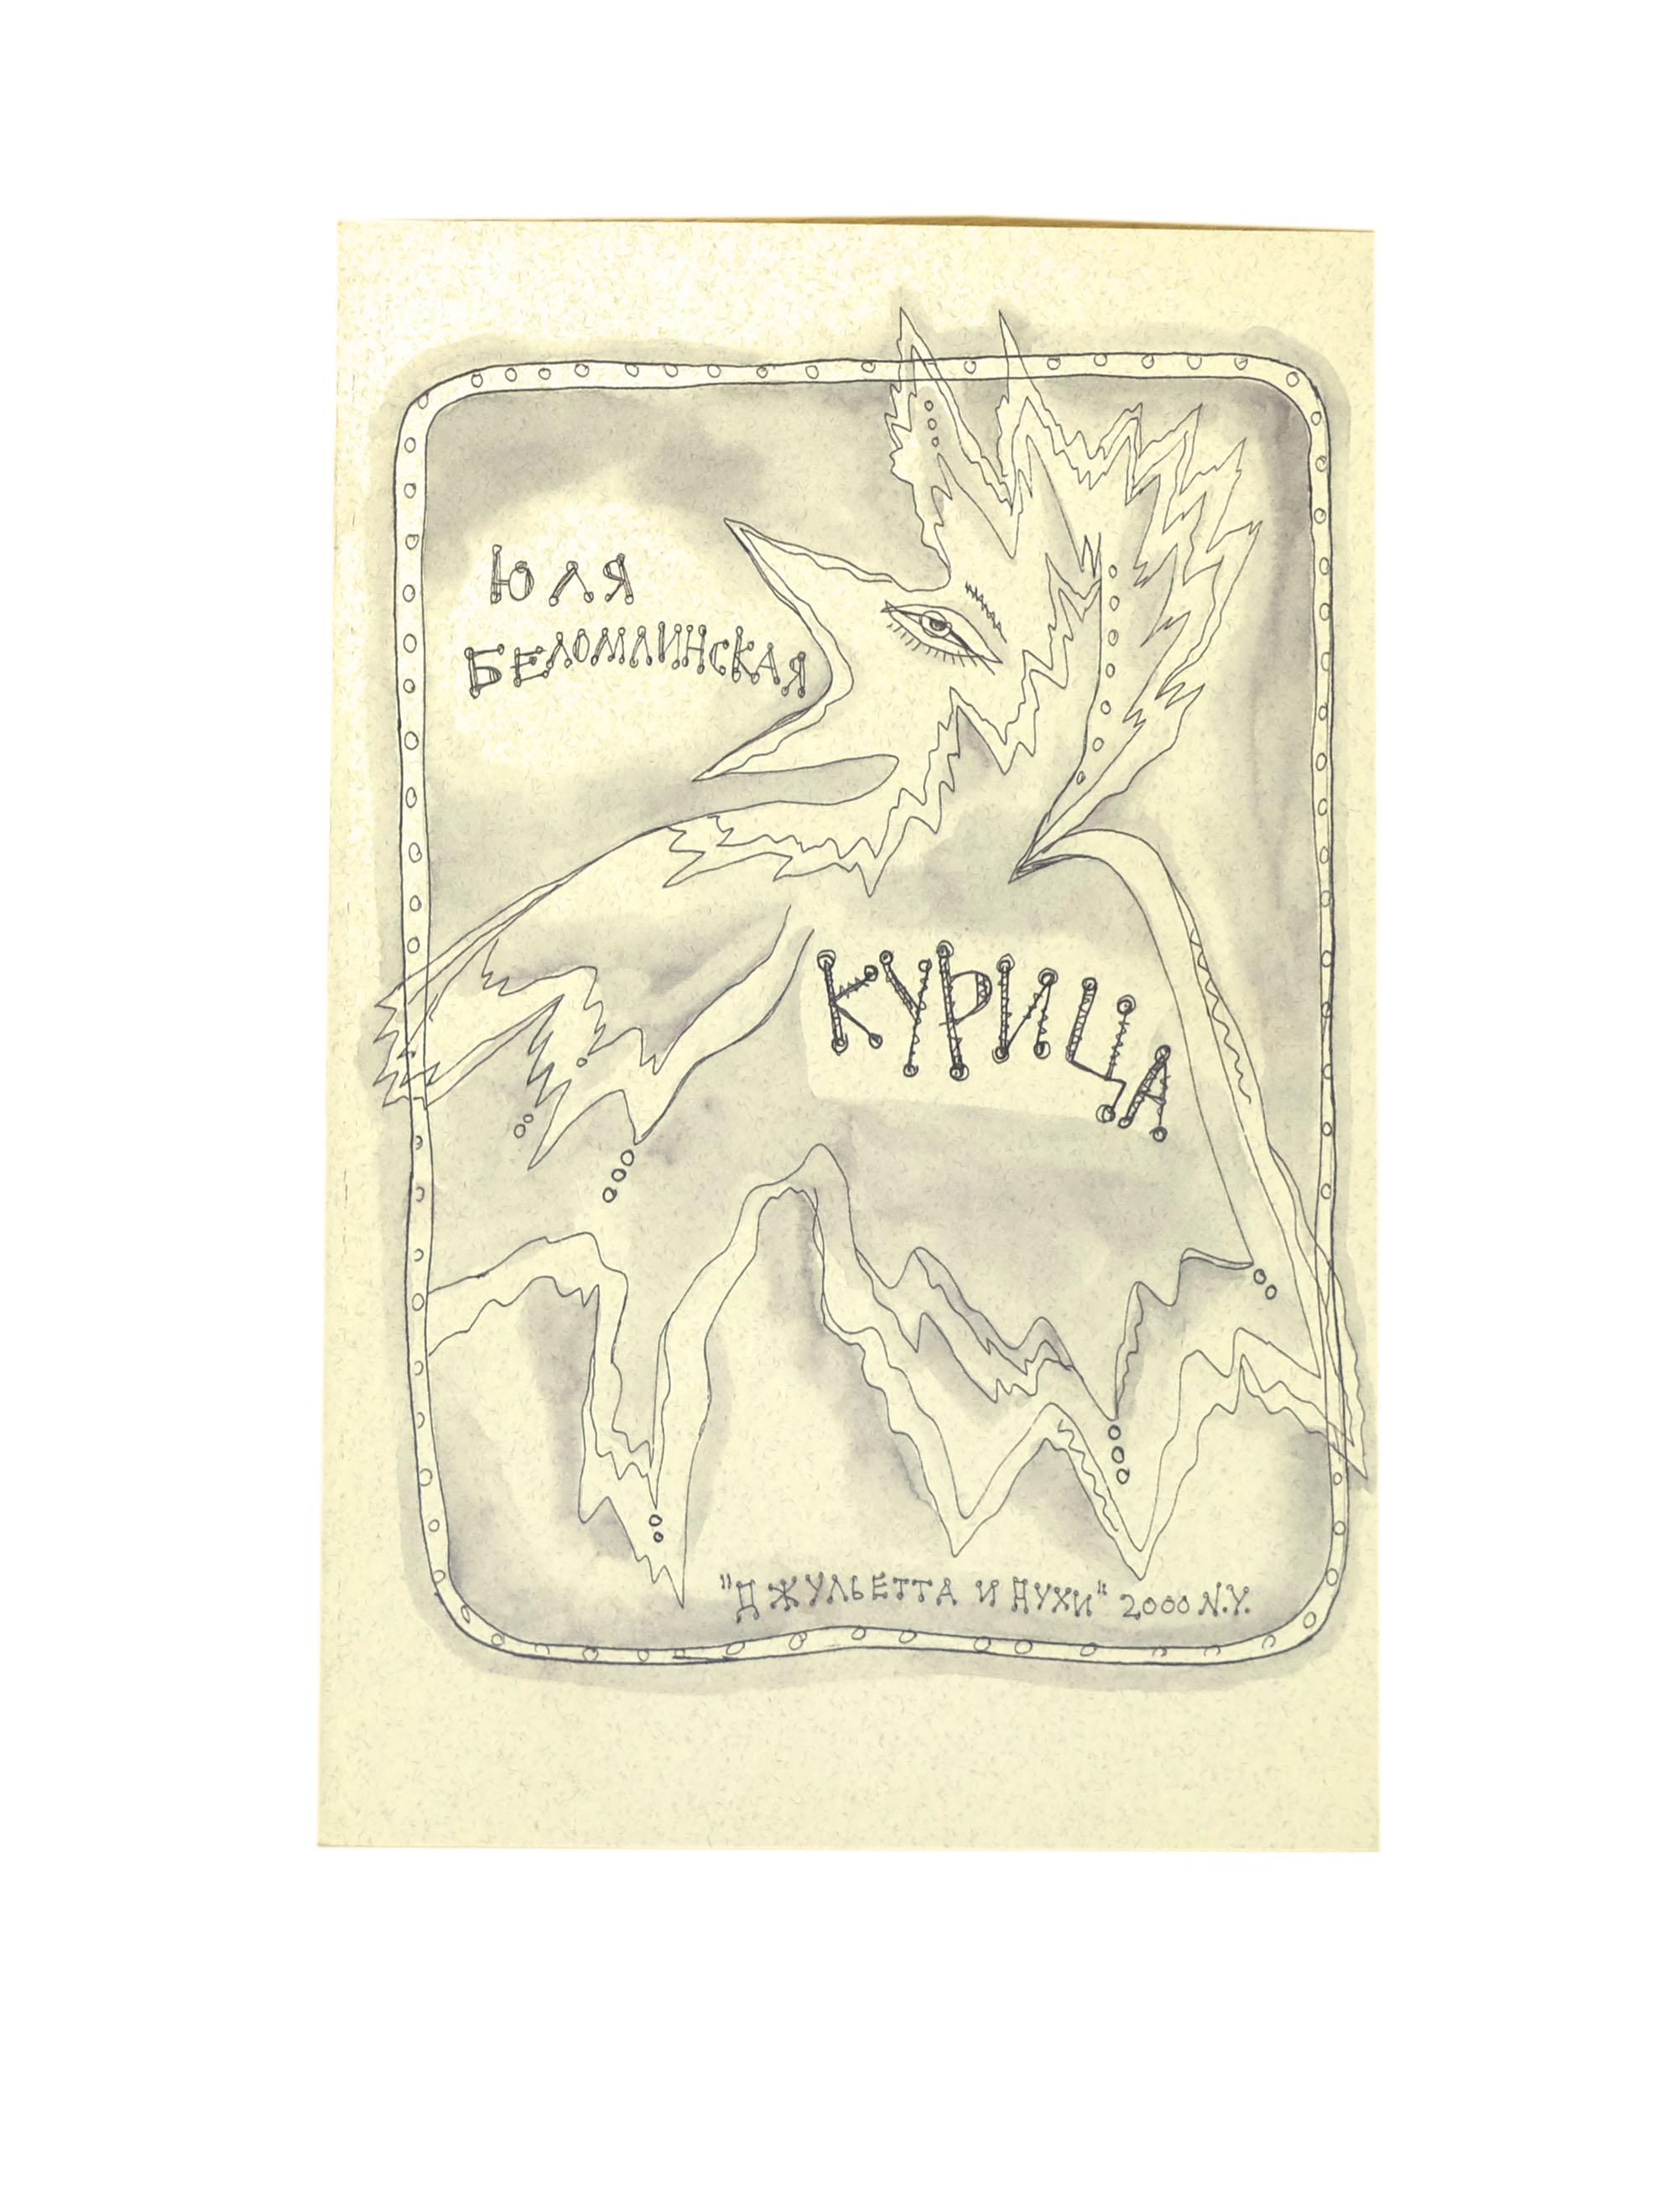 17985.JPG